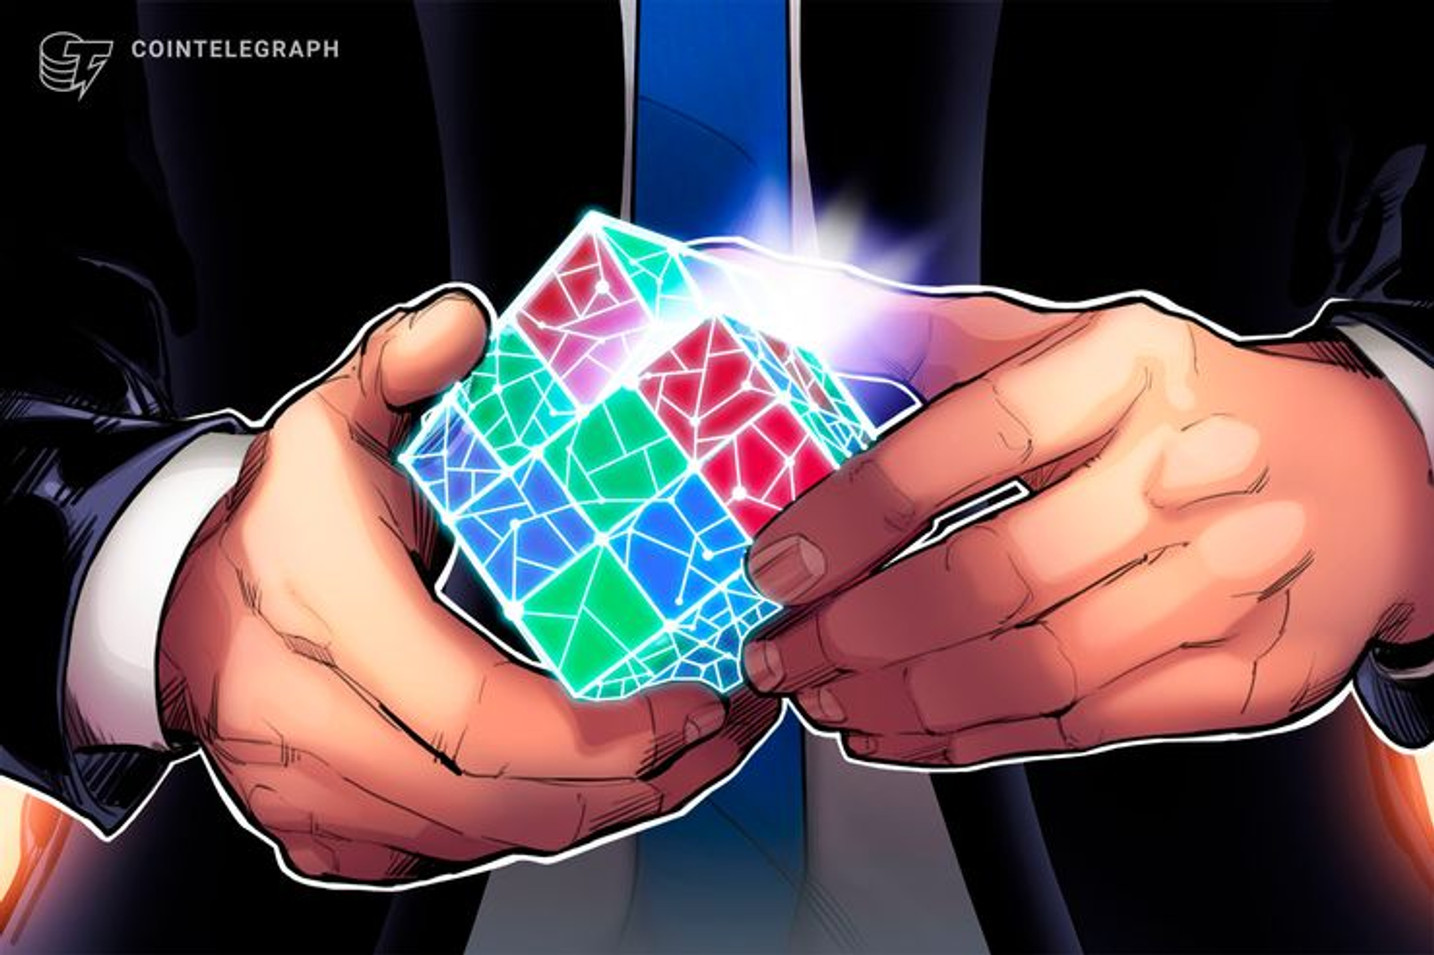 Brasil inova e 'lança' oficialmente consulta ao CPF com Blockchain e Ministério do Planejamento é primeiro parceiro